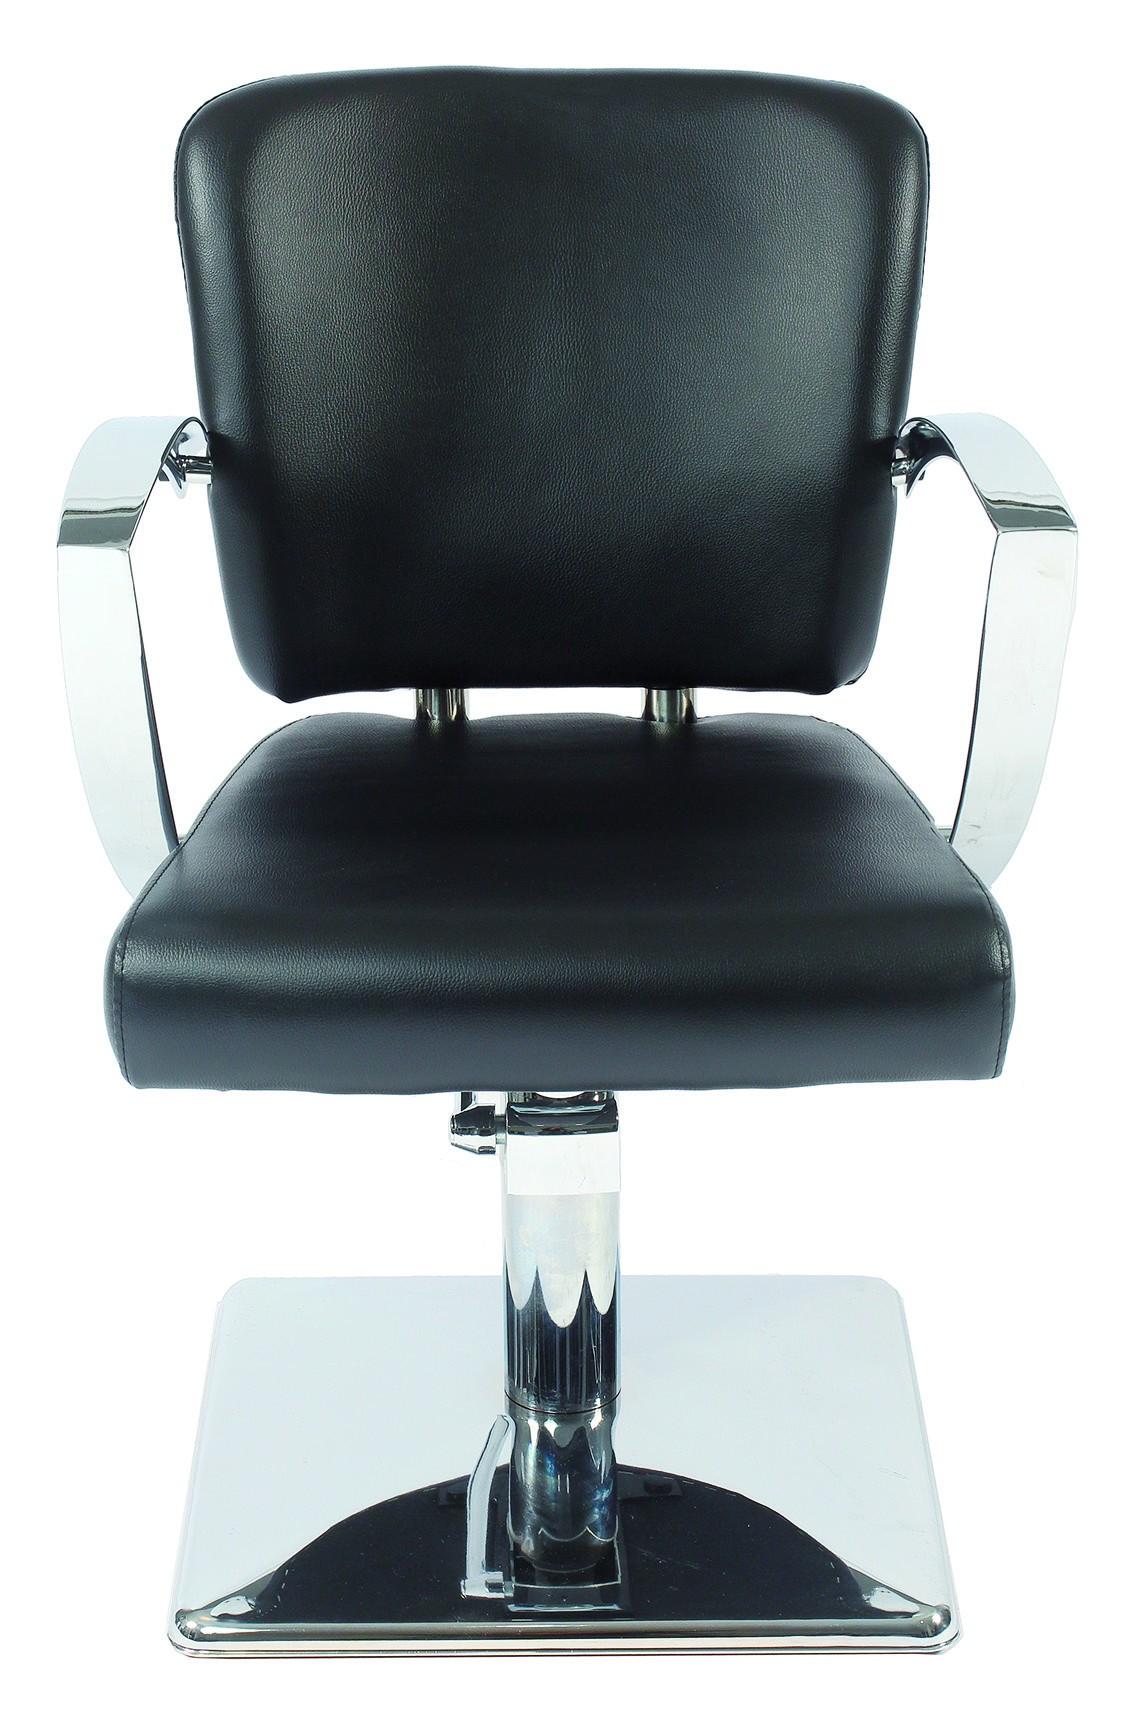 """כיסא לקוח הידראולי דגם 333. בוכנה גבוהה. אחריות שנתיים על הבוכנה. מחיר לא כולל מע""""מ ולא כולל הובלה."""